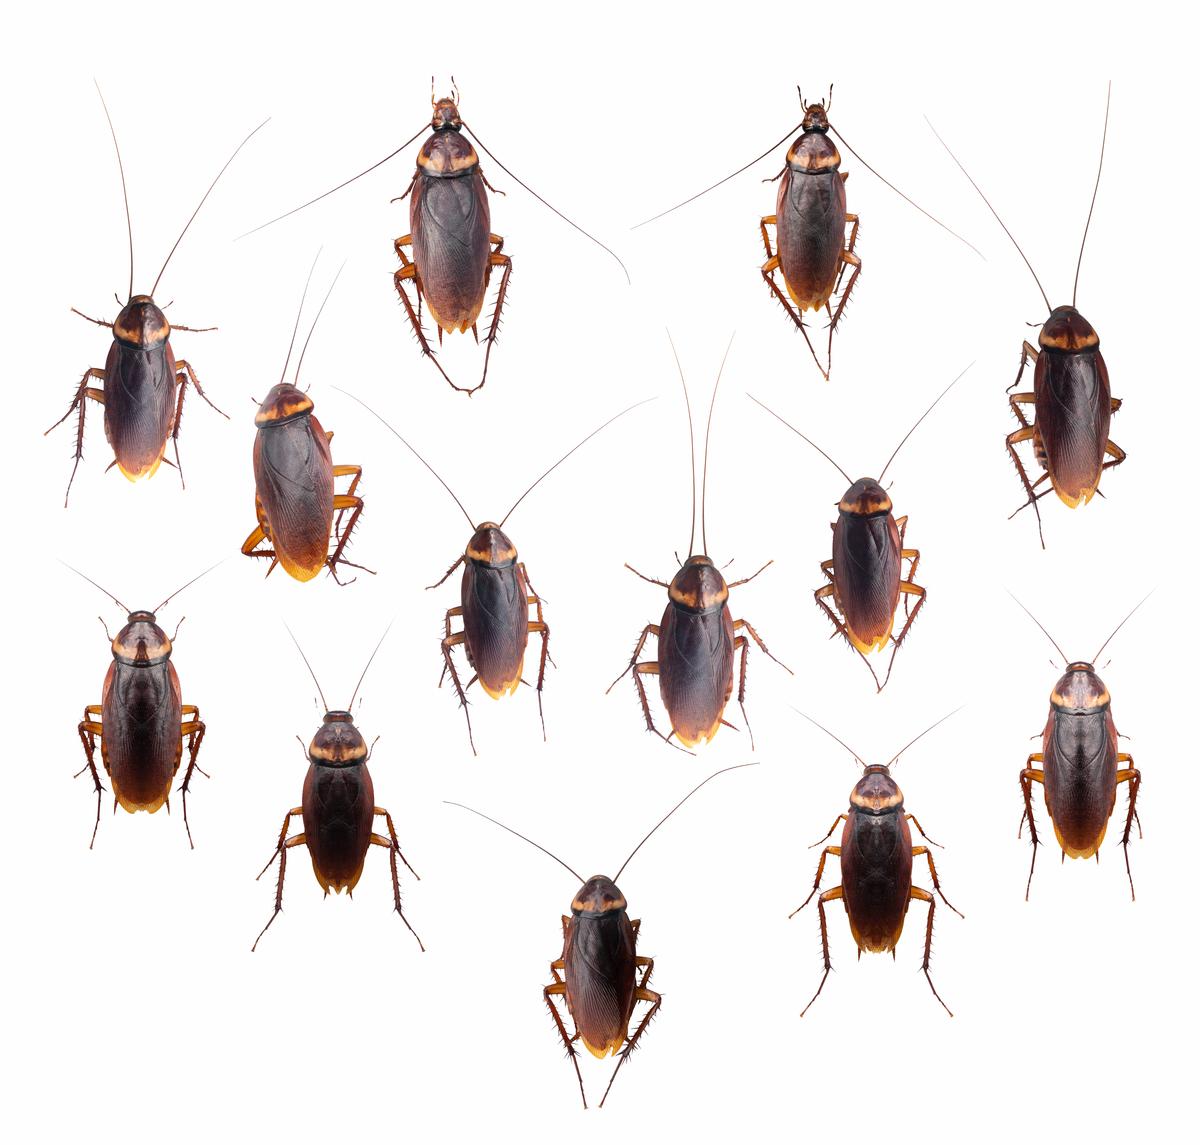 ゴキブリ 沖縄 の